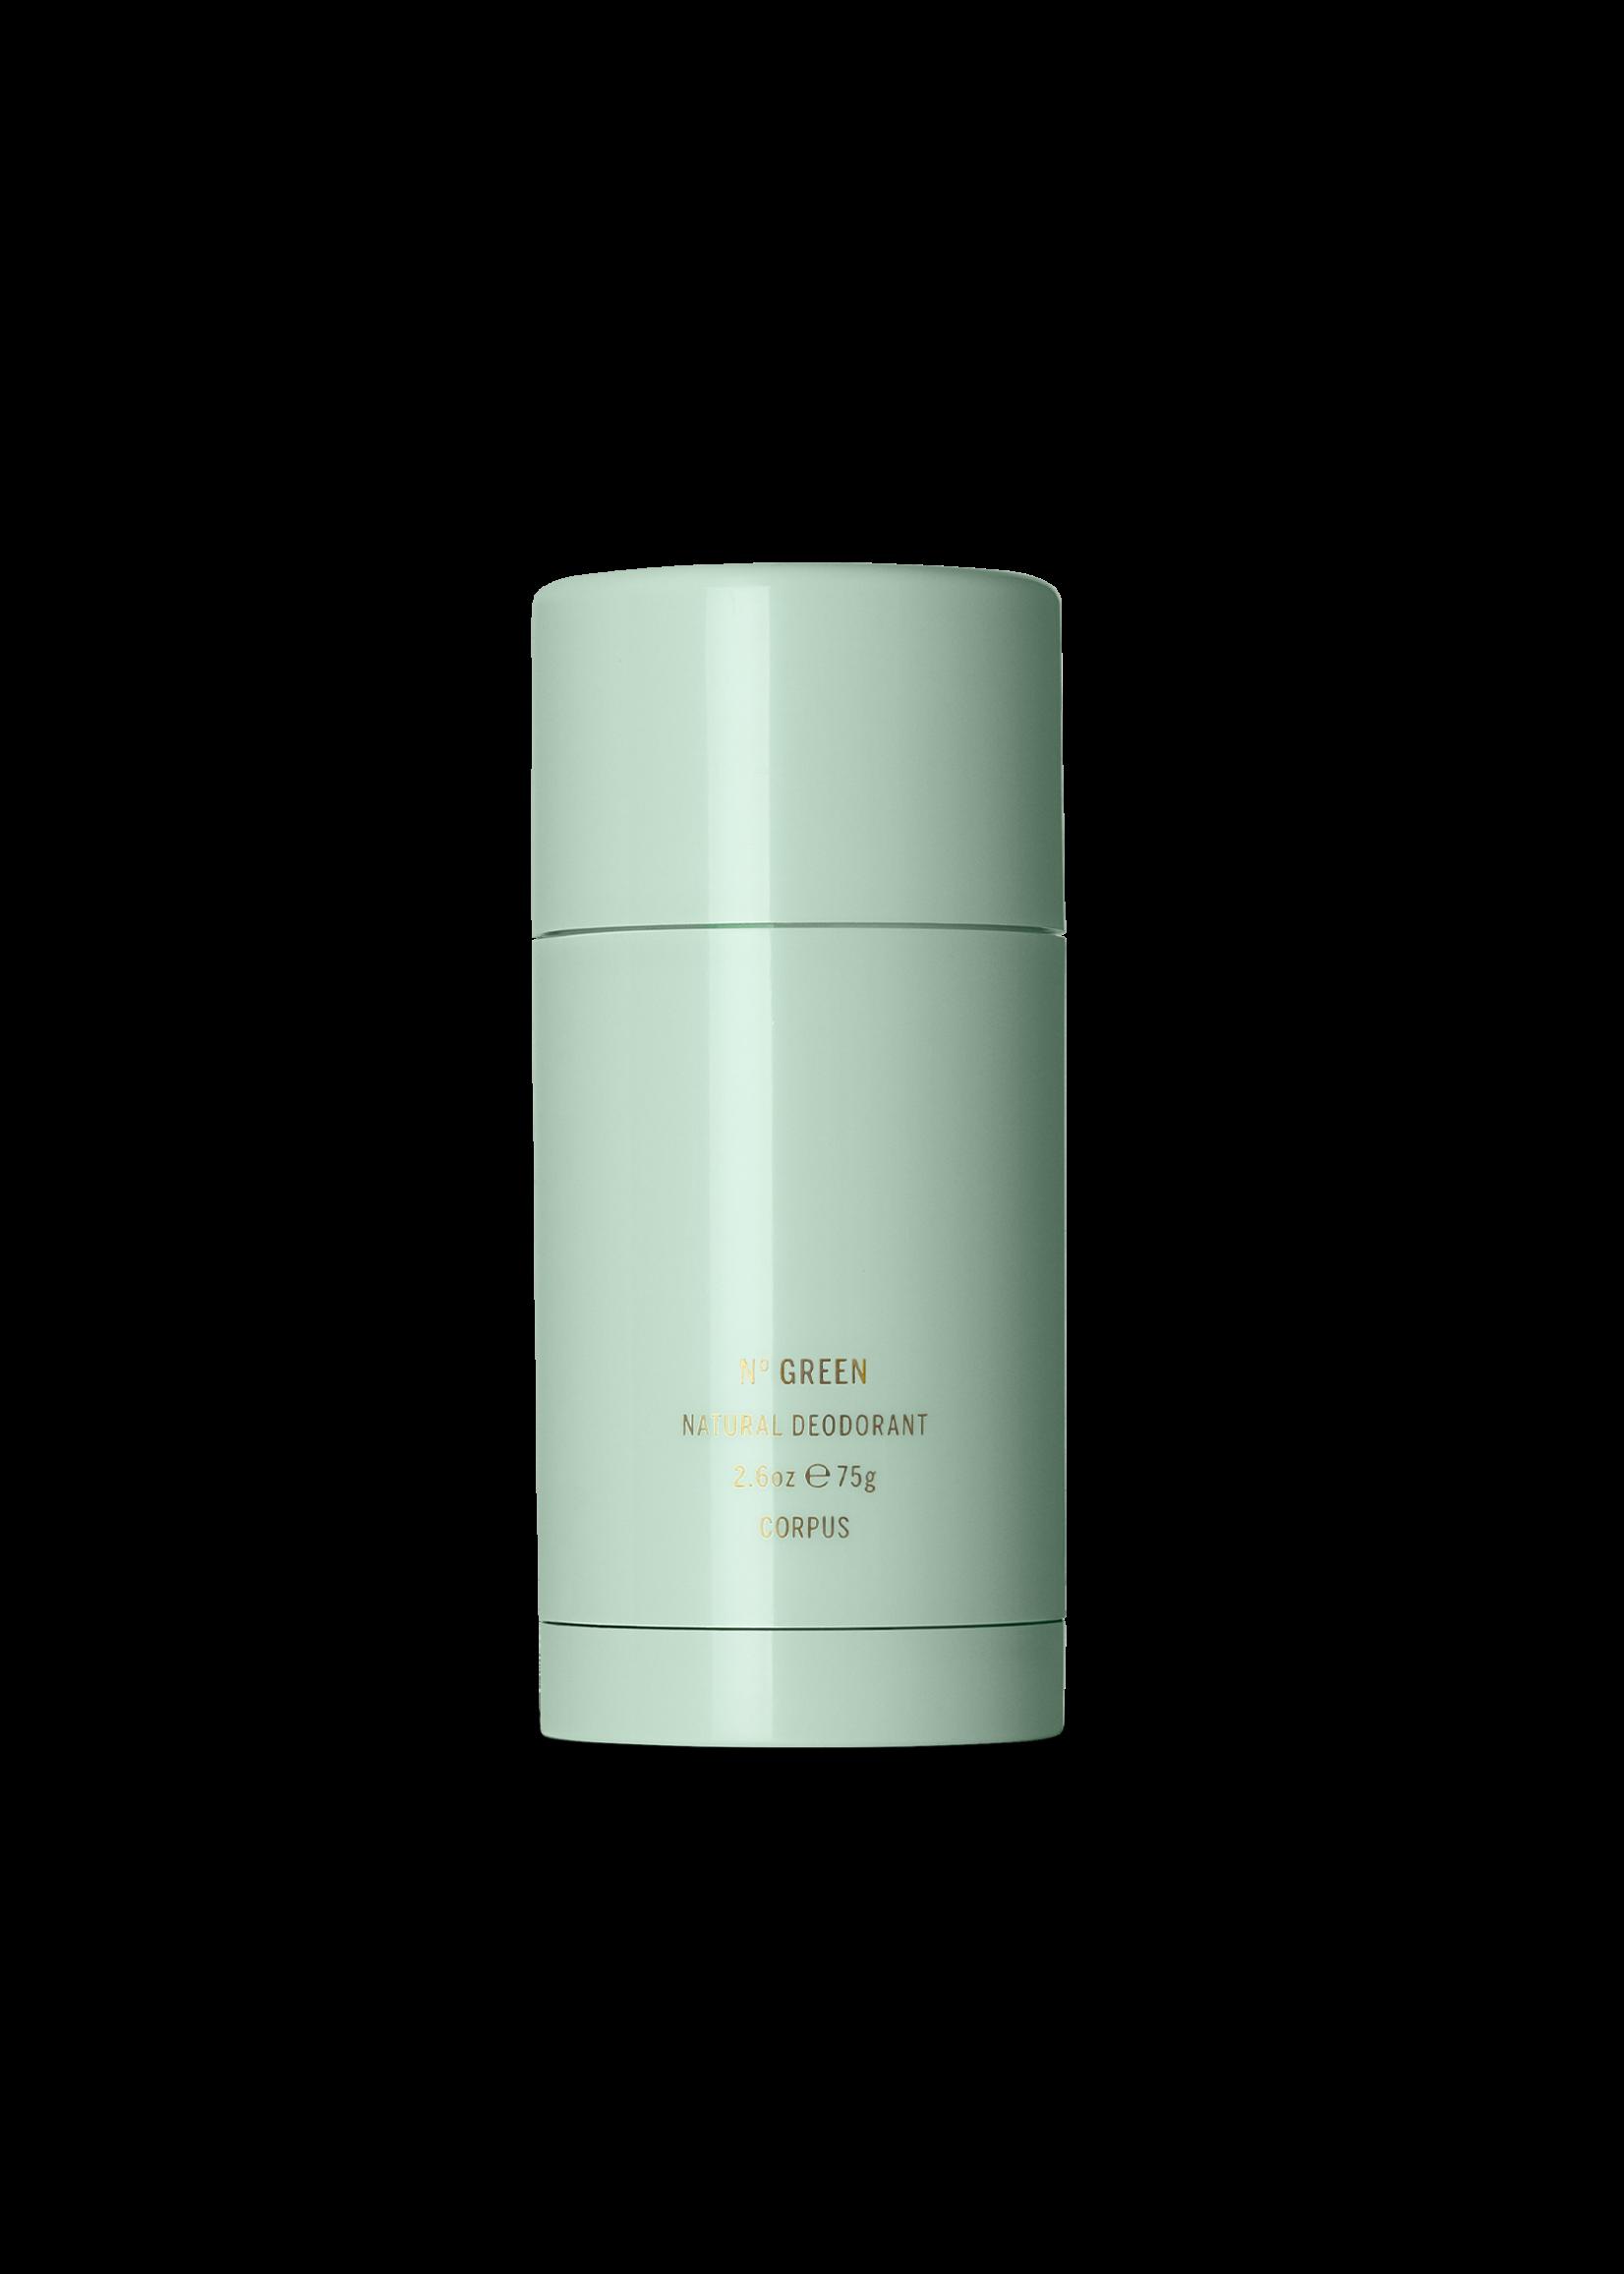 Corpus Natural Deodorant: No. Green 2.6oz